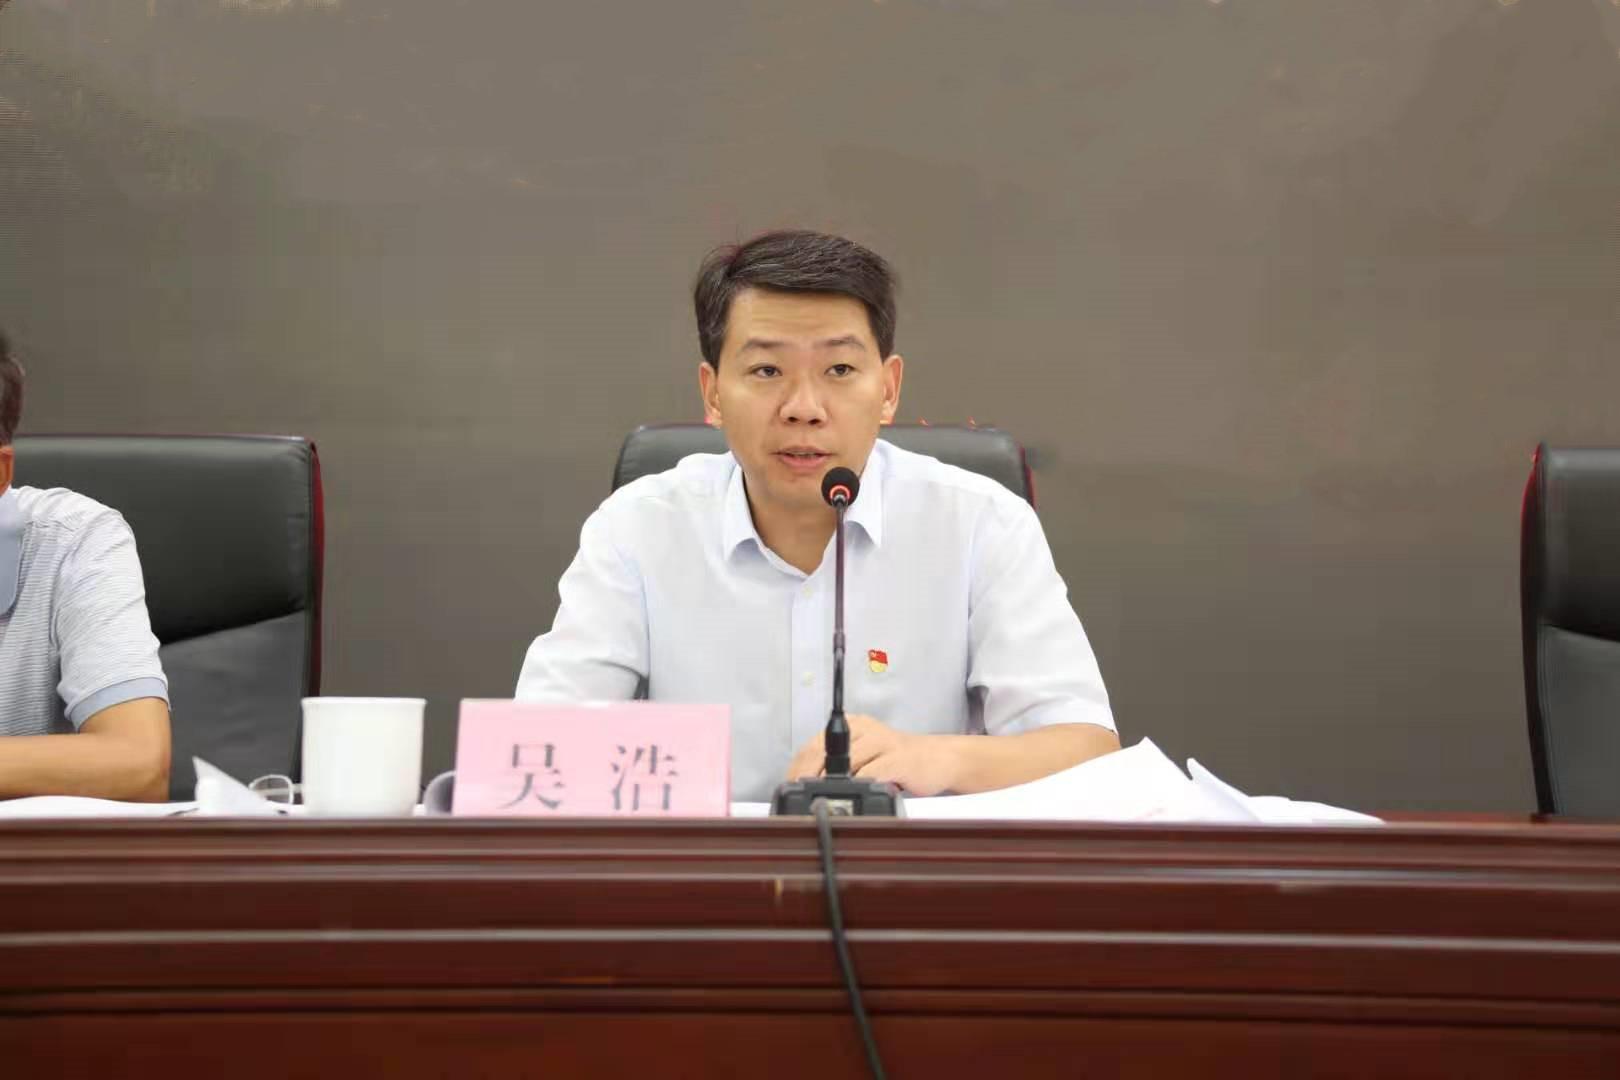 河南省住房和城乡建设厅党组书记、厅长吴浩——不辜负时代赋予河南的战略机遇